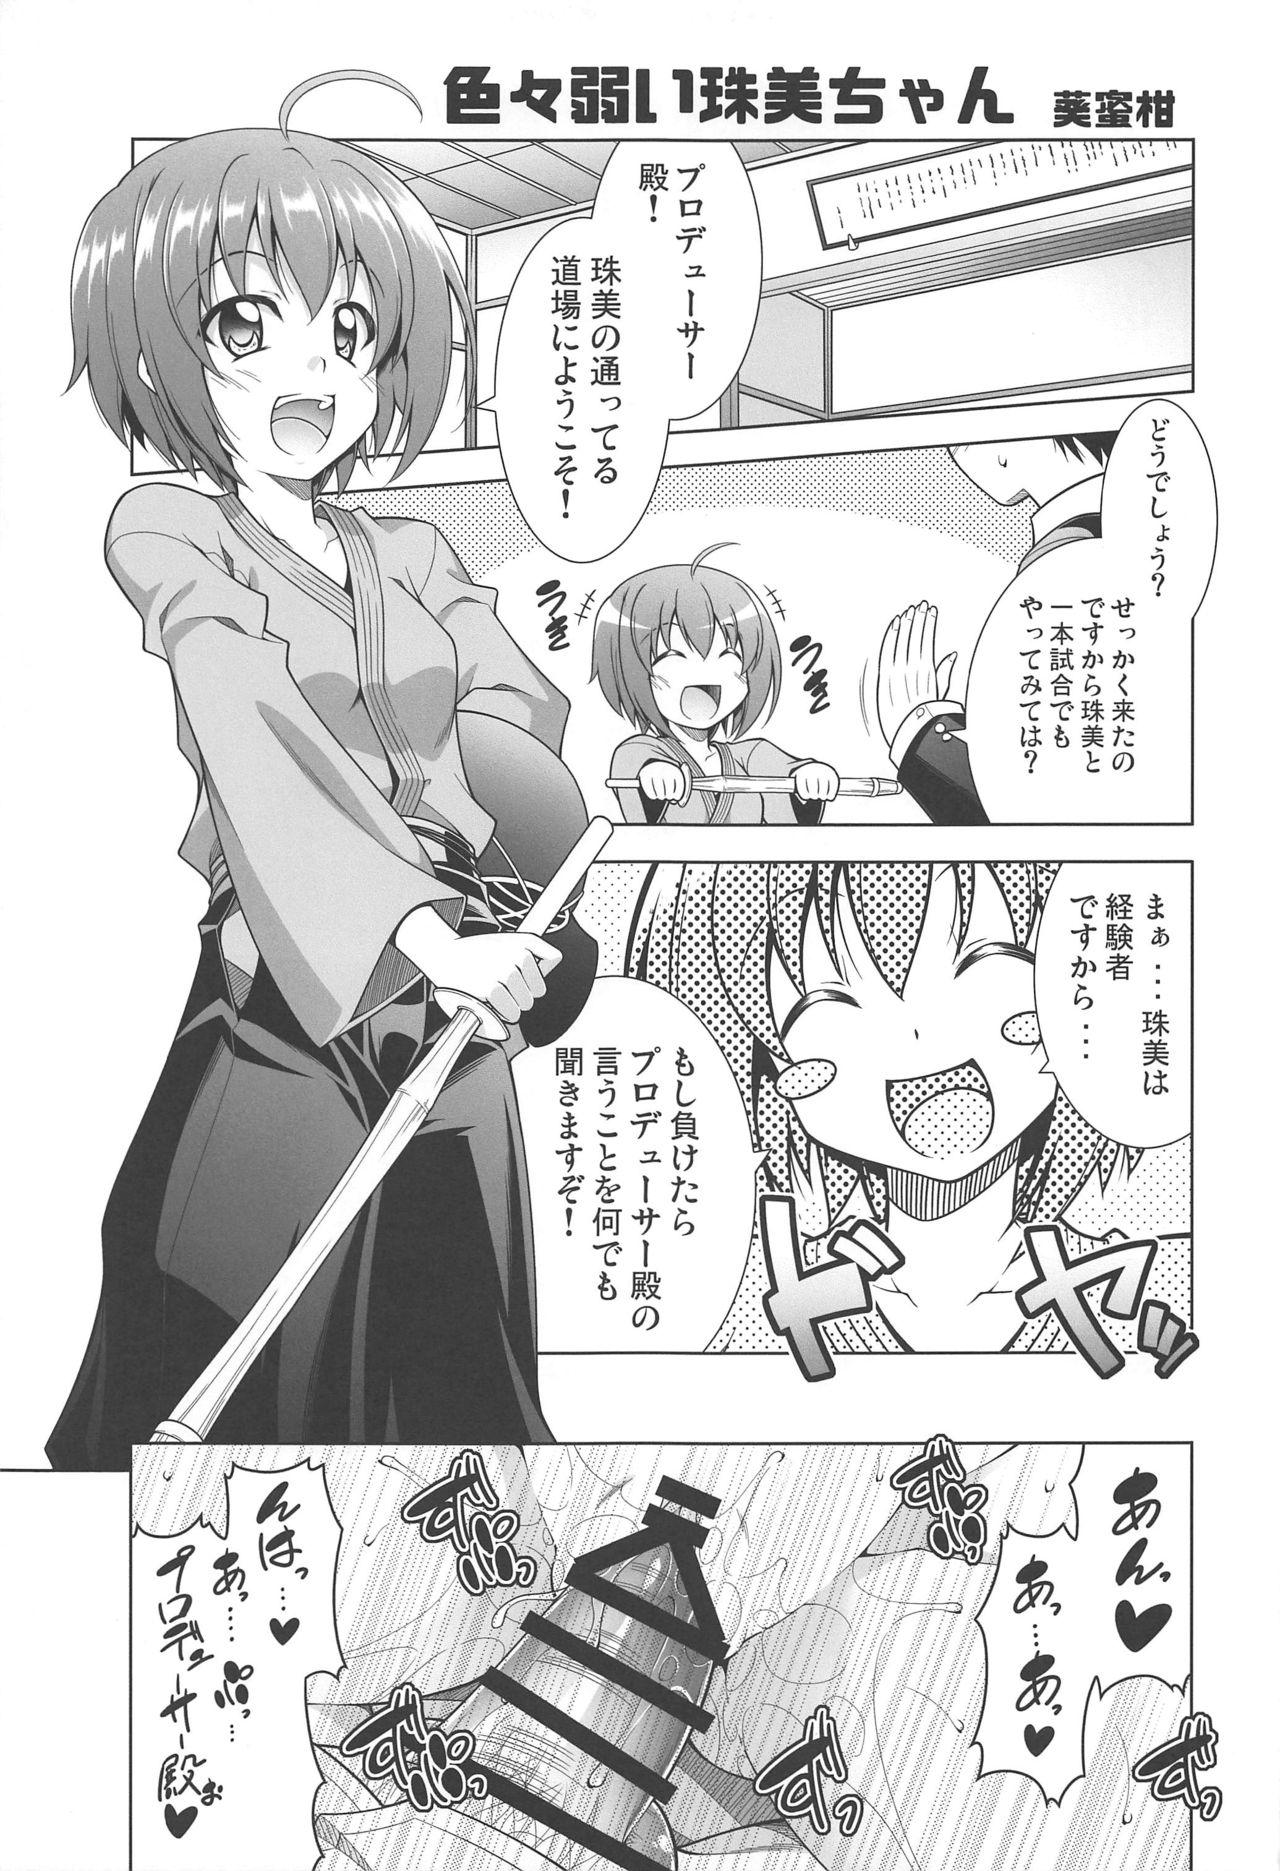 (Utahime Teien 20) [BBG (Aoi Mikan)] Hoka no Idol-tachi to Nakayoku Gravure Satsuei Suru Gurai nara P-sama to Sukoru (THE IDOLM@STER CINDERELLA GIRLS) 14